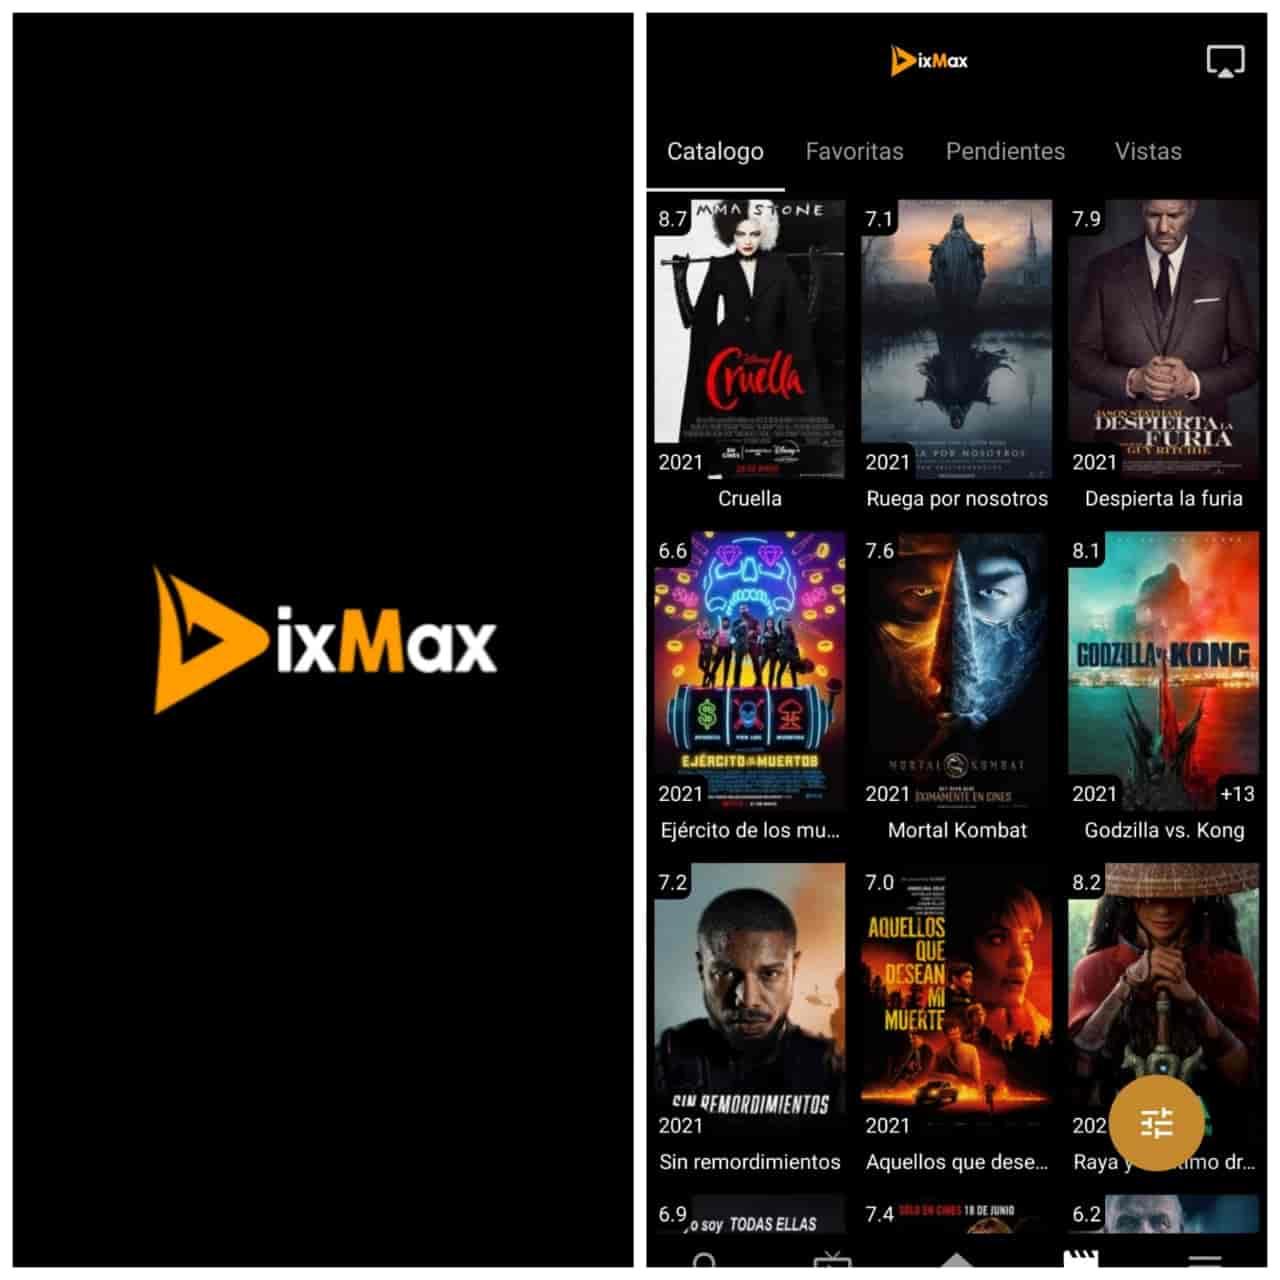 DIXMAX Es La MEJOR Aplicación Para VER PELICULAS Y SERIES En Android e iOS 2021